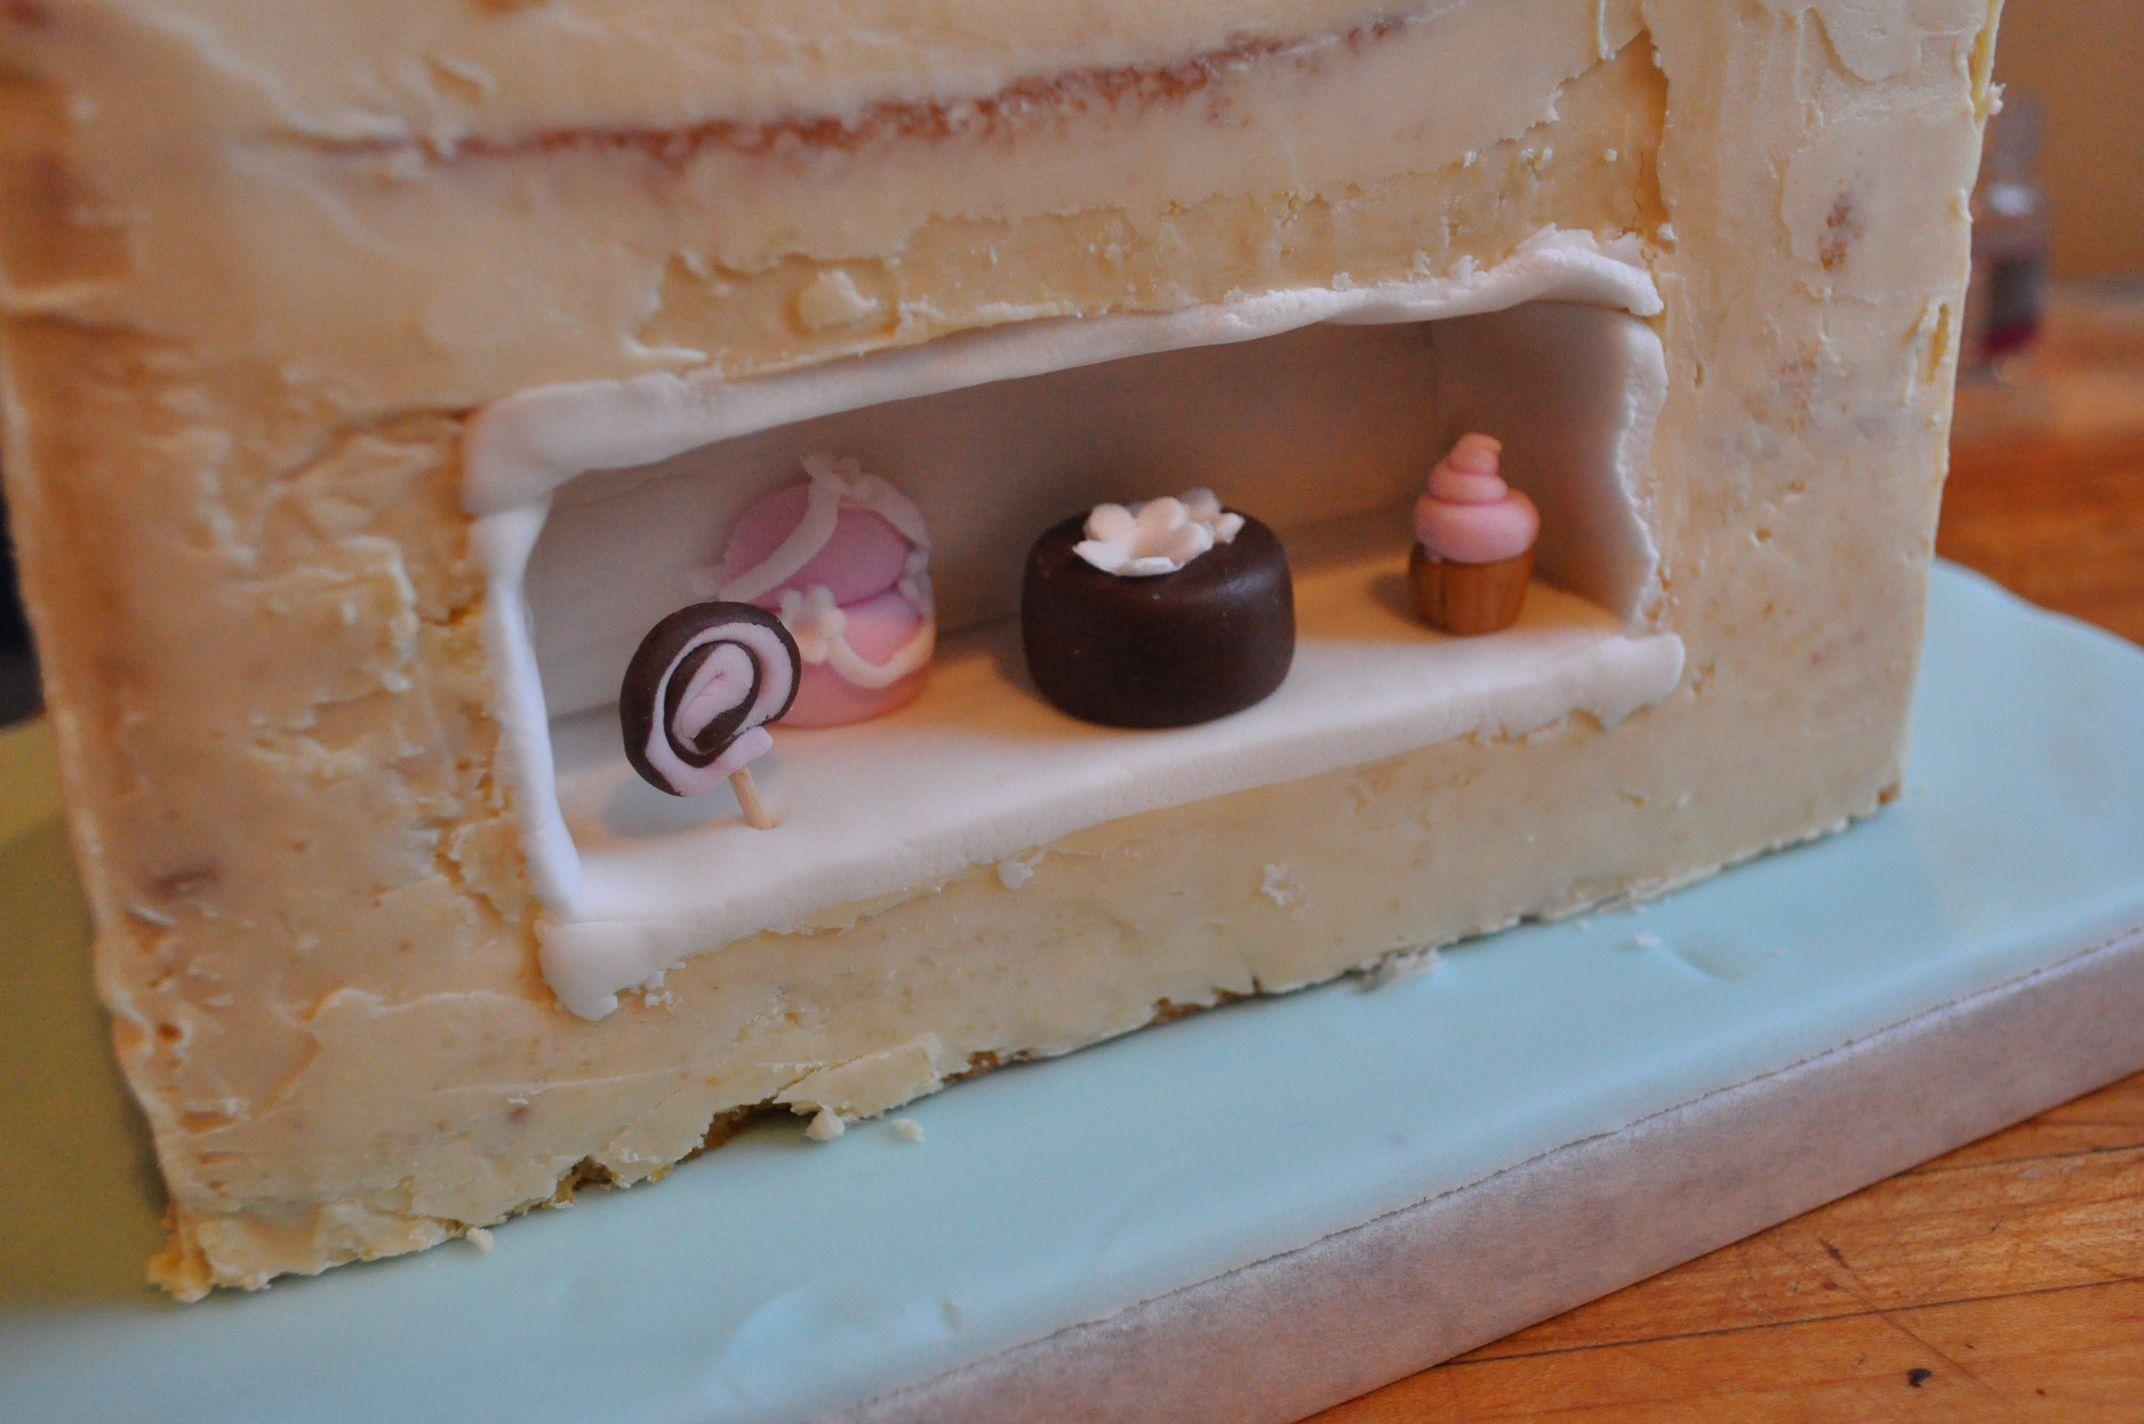 Negozio Per Cake Design Torino : Una torta nella torta! Un opera di cake design che ...